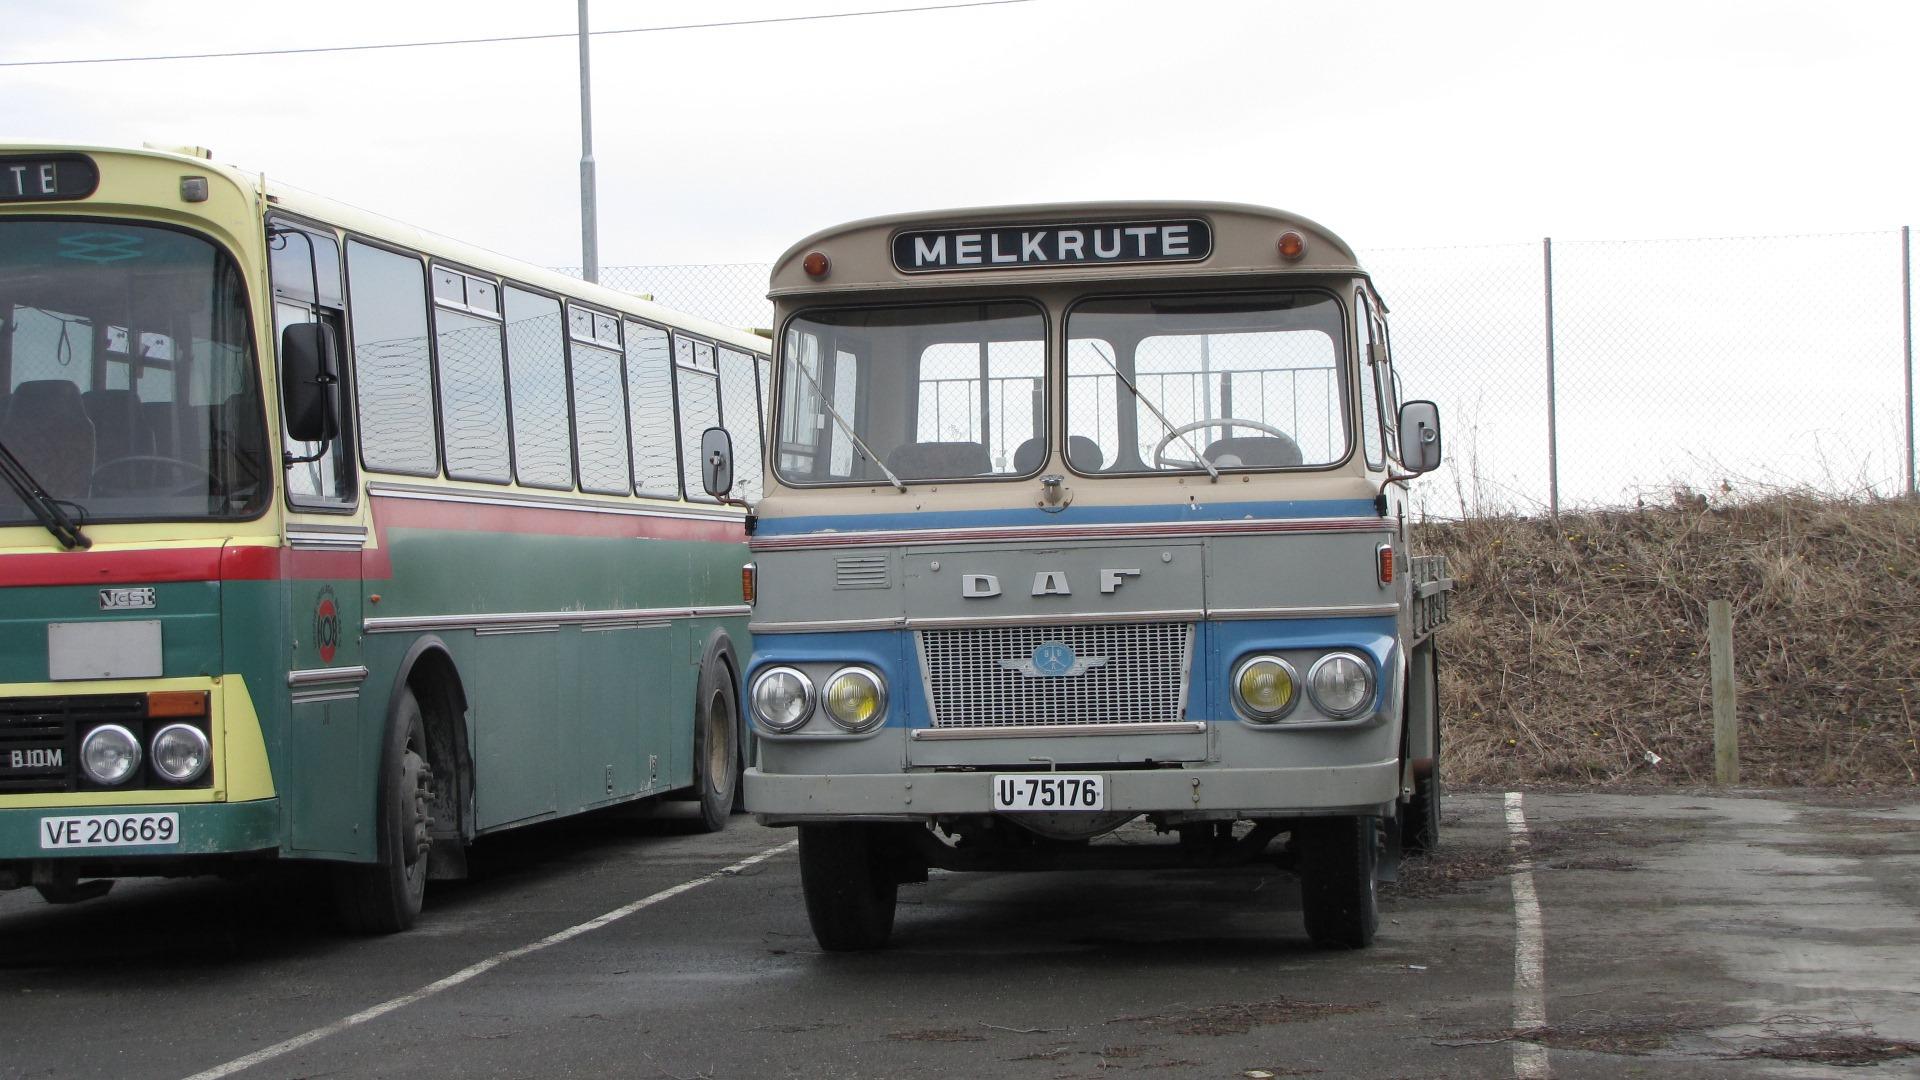 Daf-Schoolbus-en-melkvervoer-in-Noorwegen-(1)